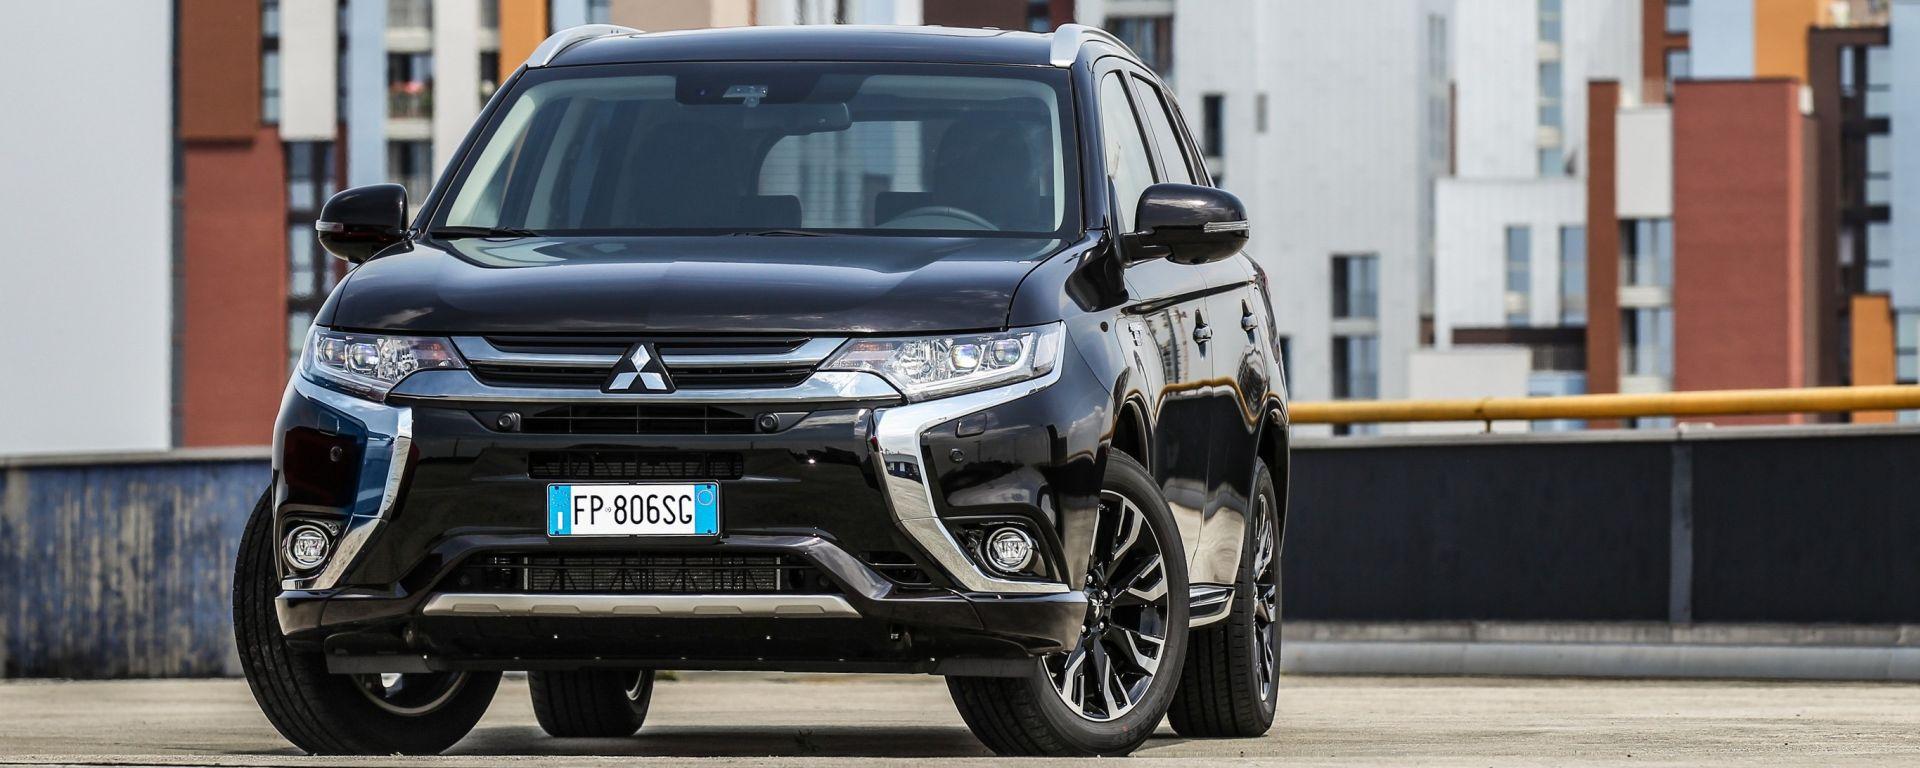 Mitsubishi Outlander PHEV 2018: ecco come funziona e come va